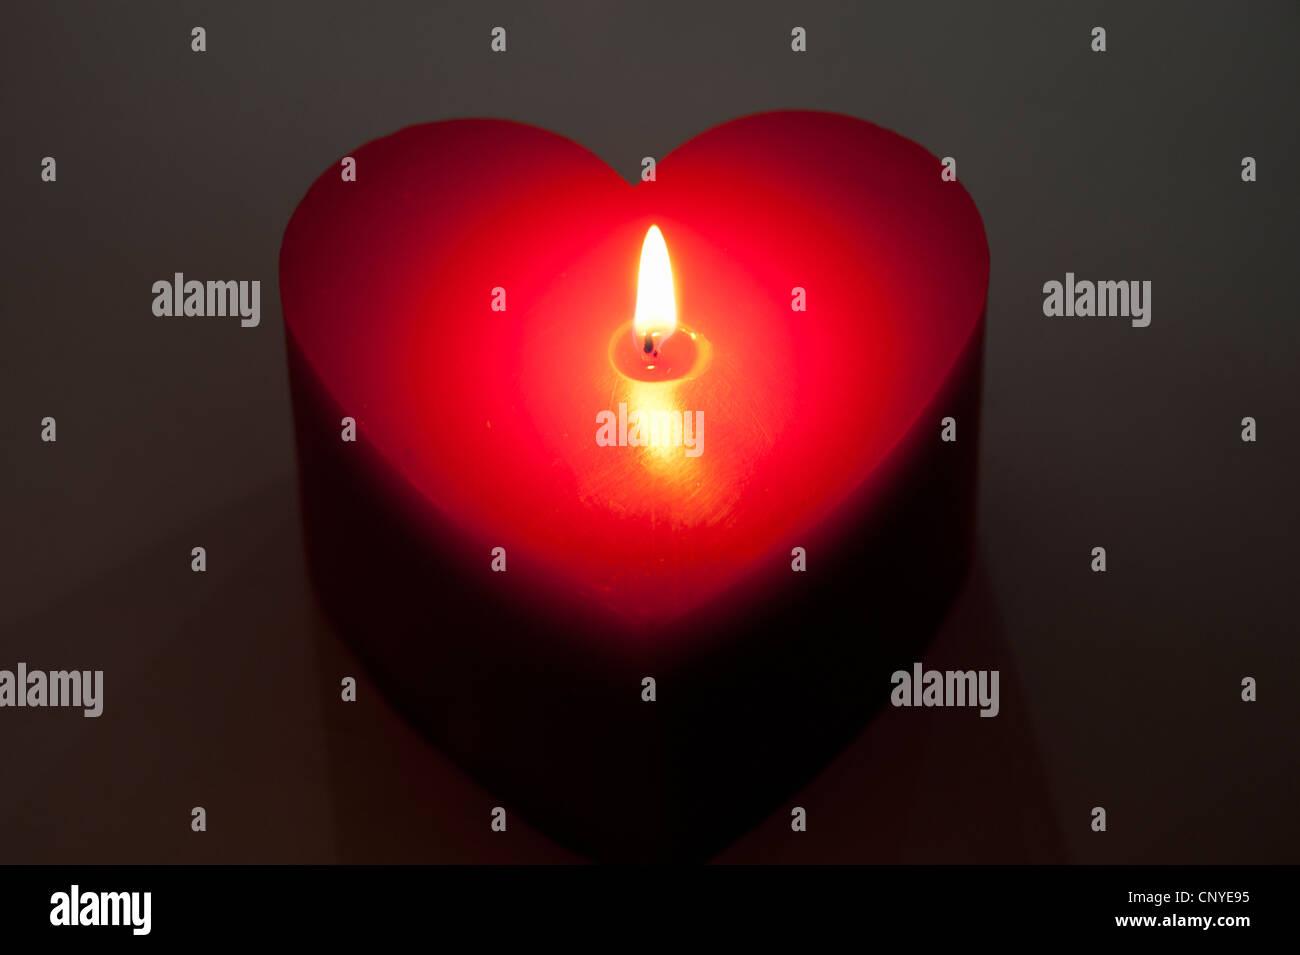 Une bougie en forme de coeur rouge, allumé Photo Stock